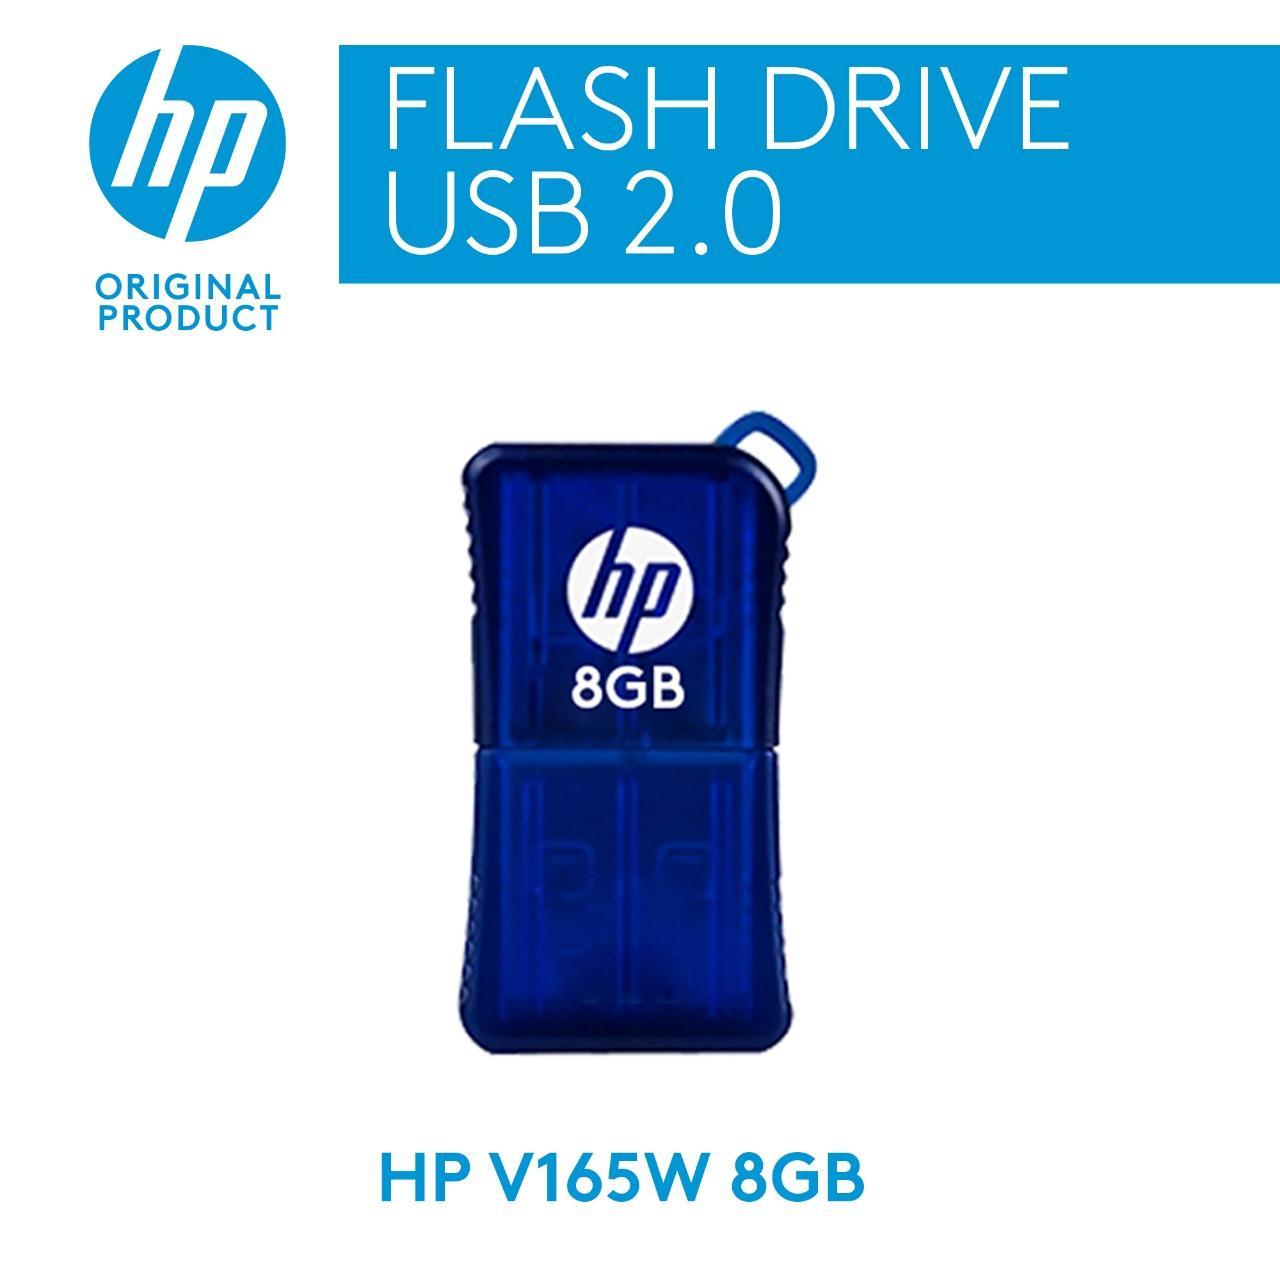 HP Flashdisc Mini USB v165w - 8GB